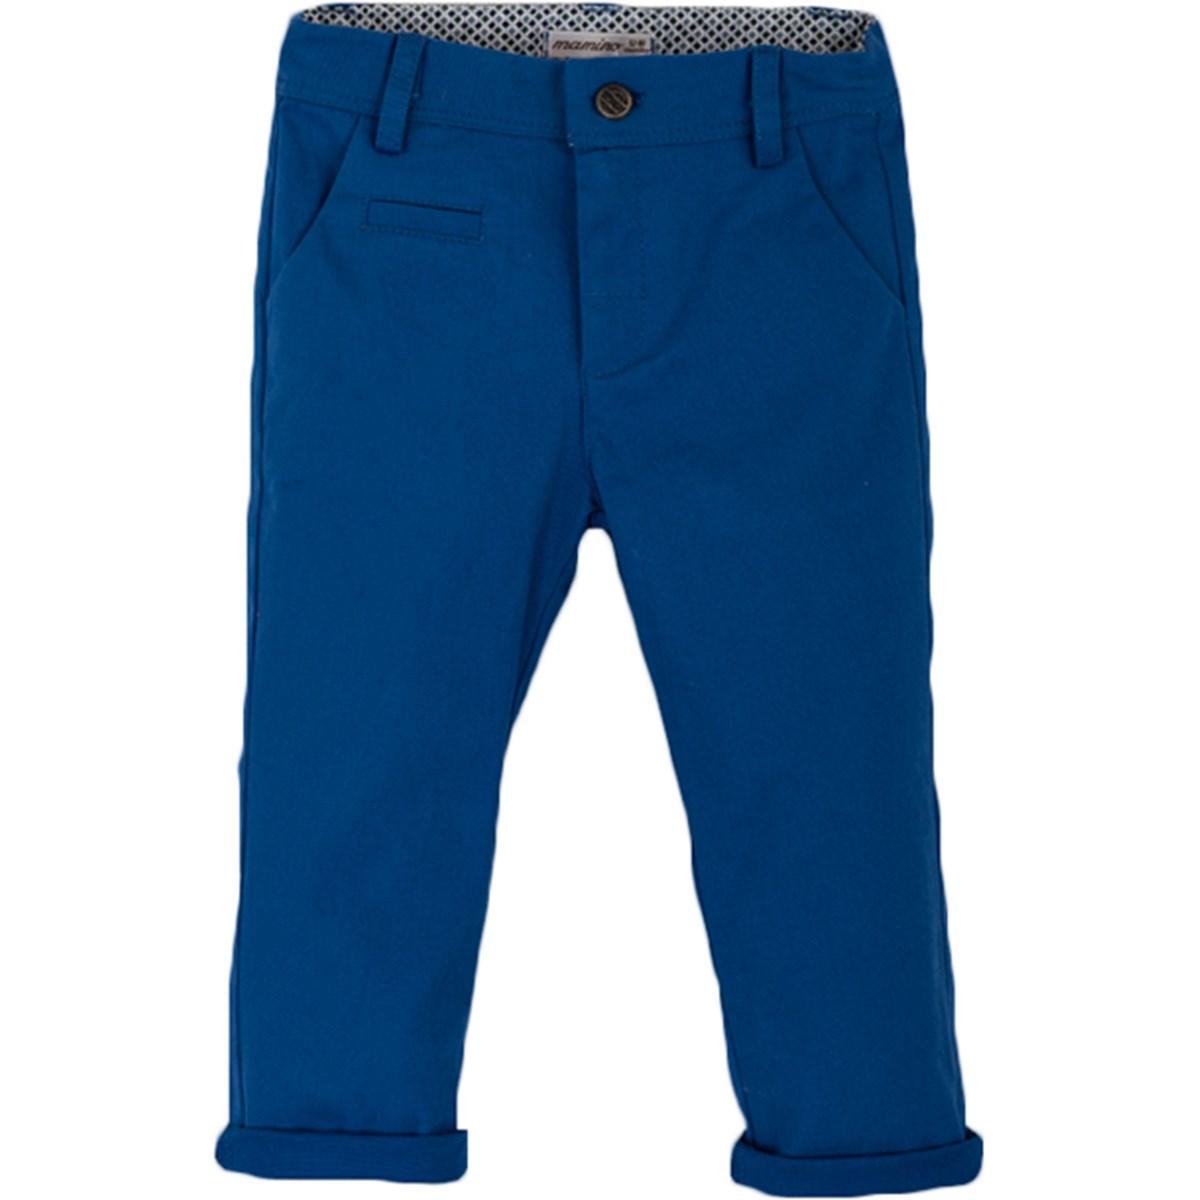 8701 Pantolon 1